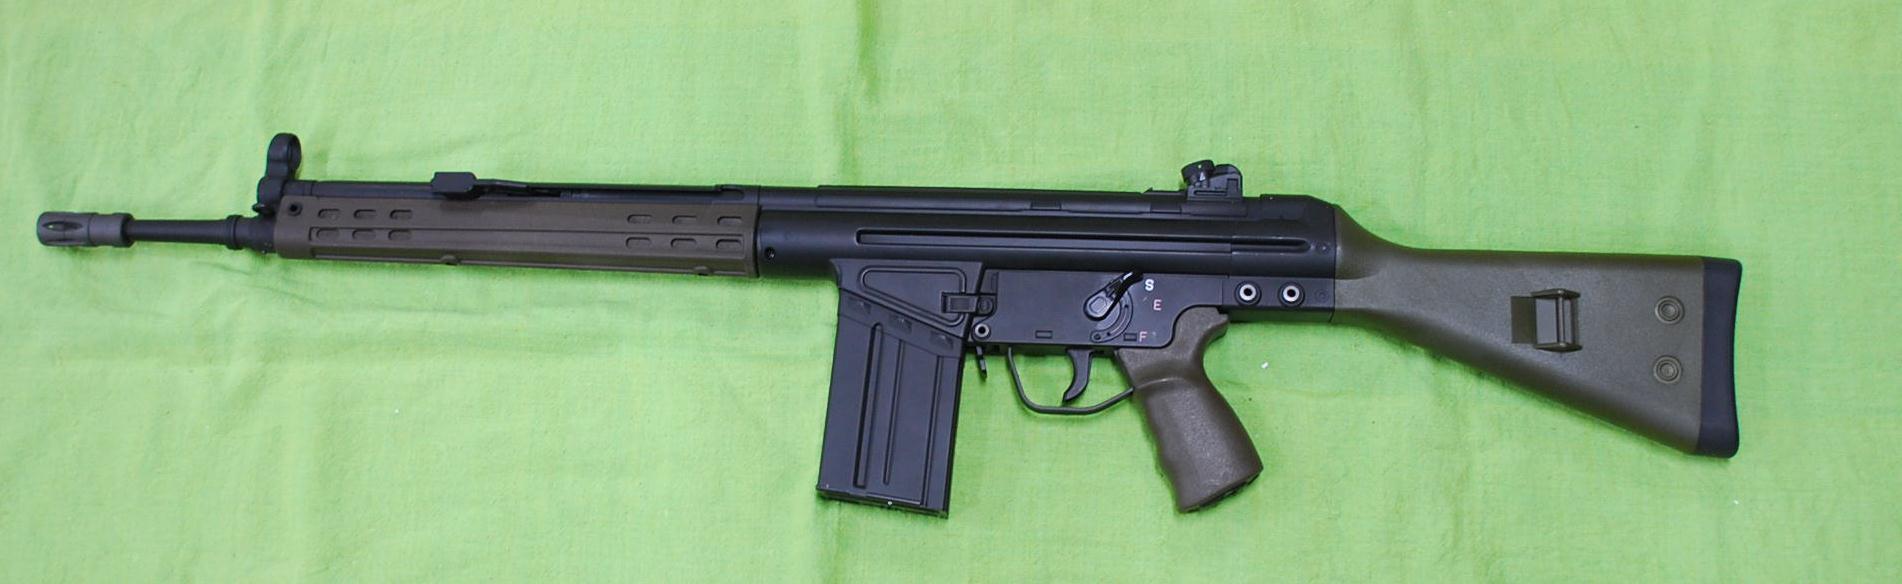 CA製電動ガン G3A3 SAR Sportmatch M41SG  CA021M